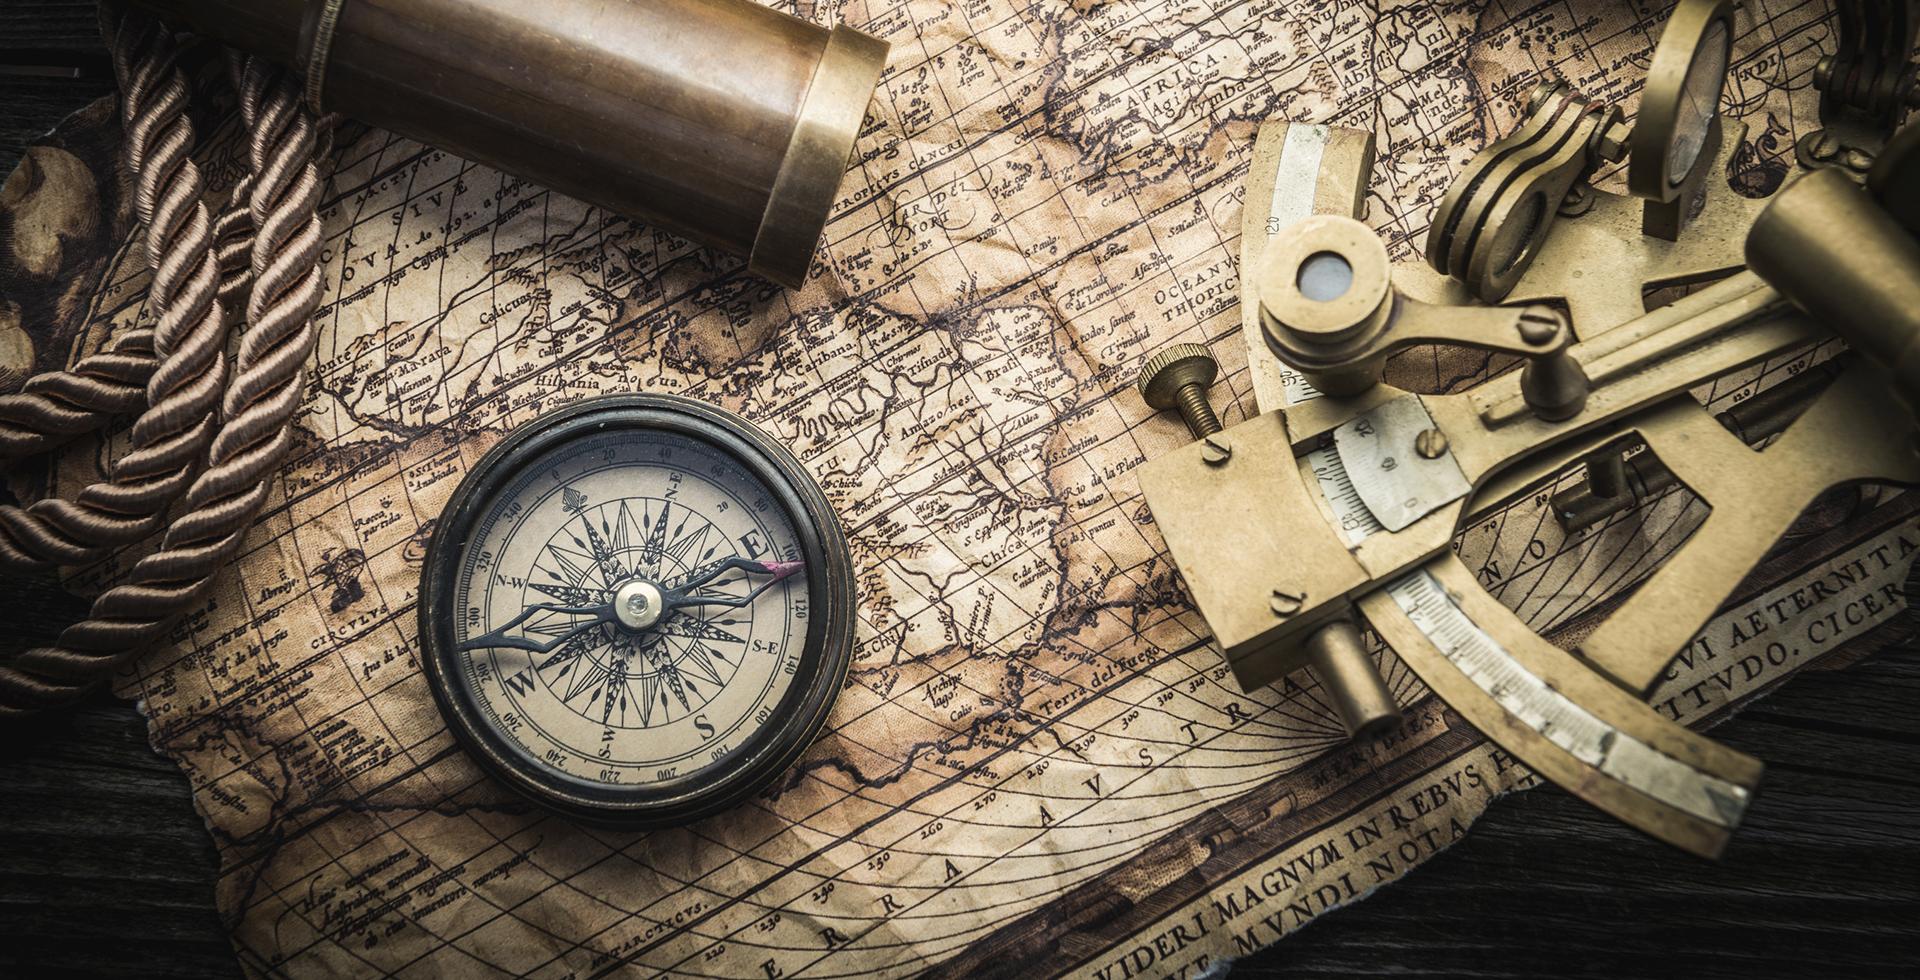 Si votre compas n'a pas votre crédibilité, vous perdrez le nord